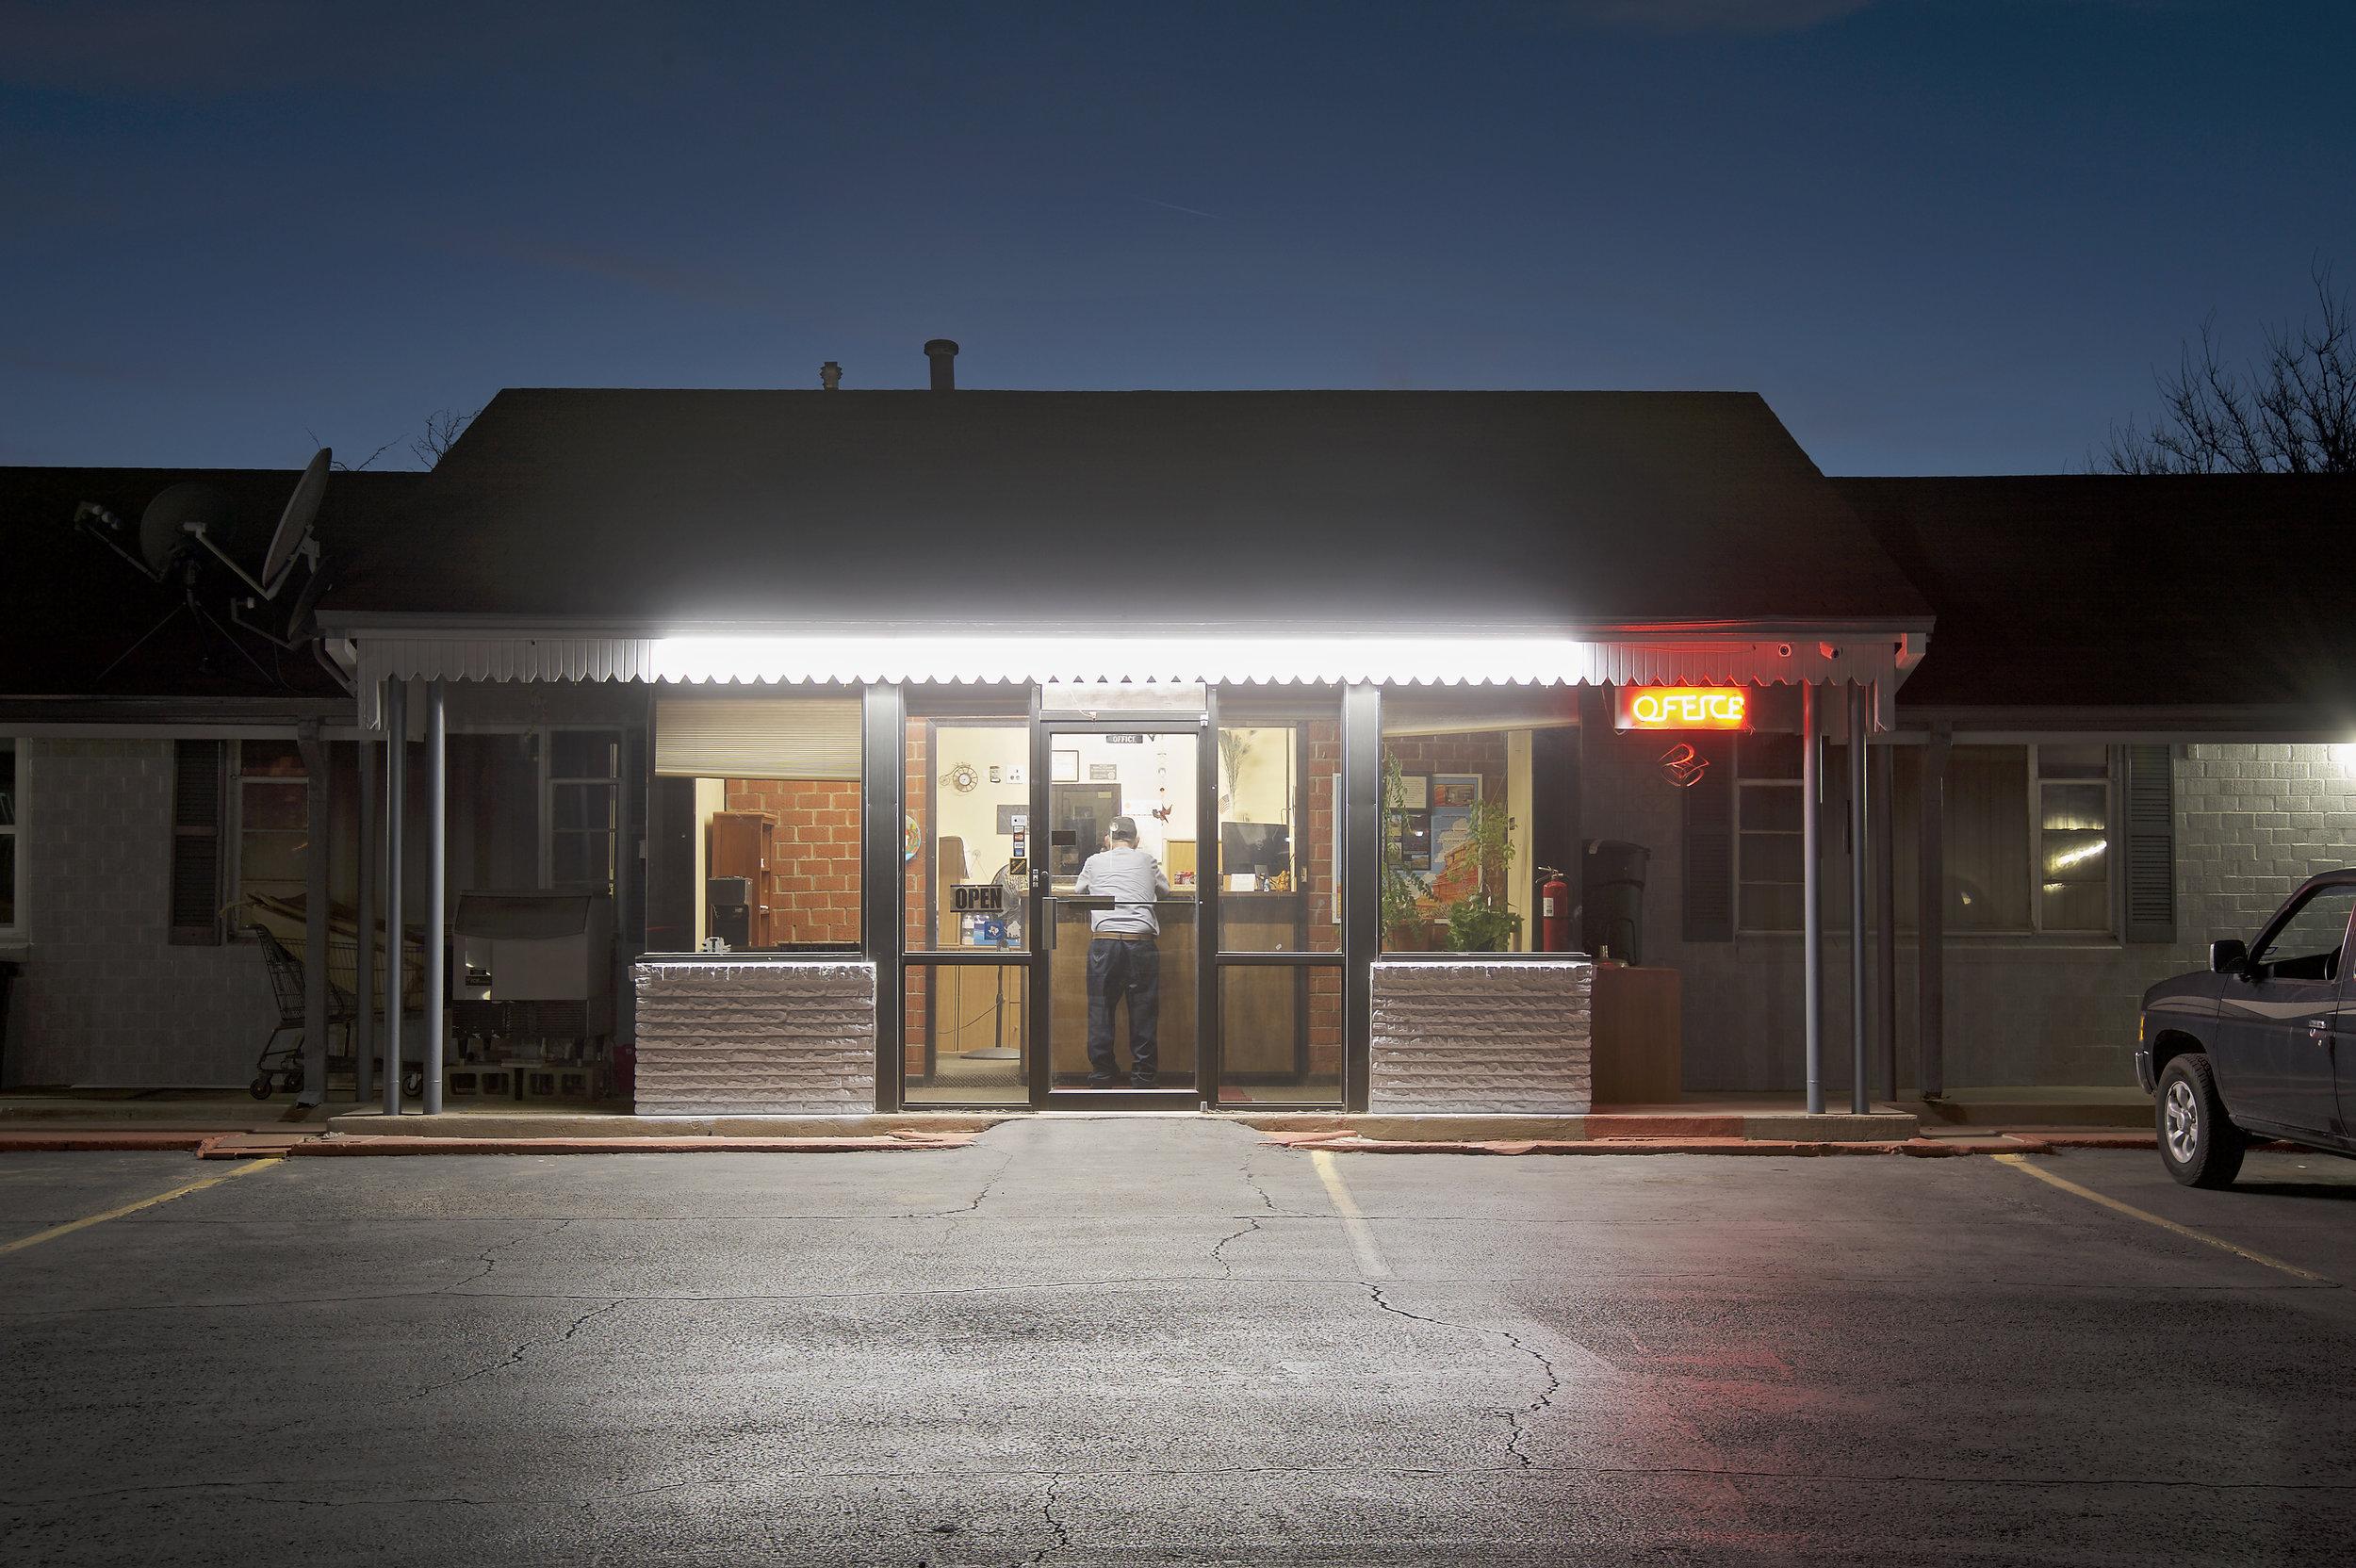 Motel_DSC5643.jpg